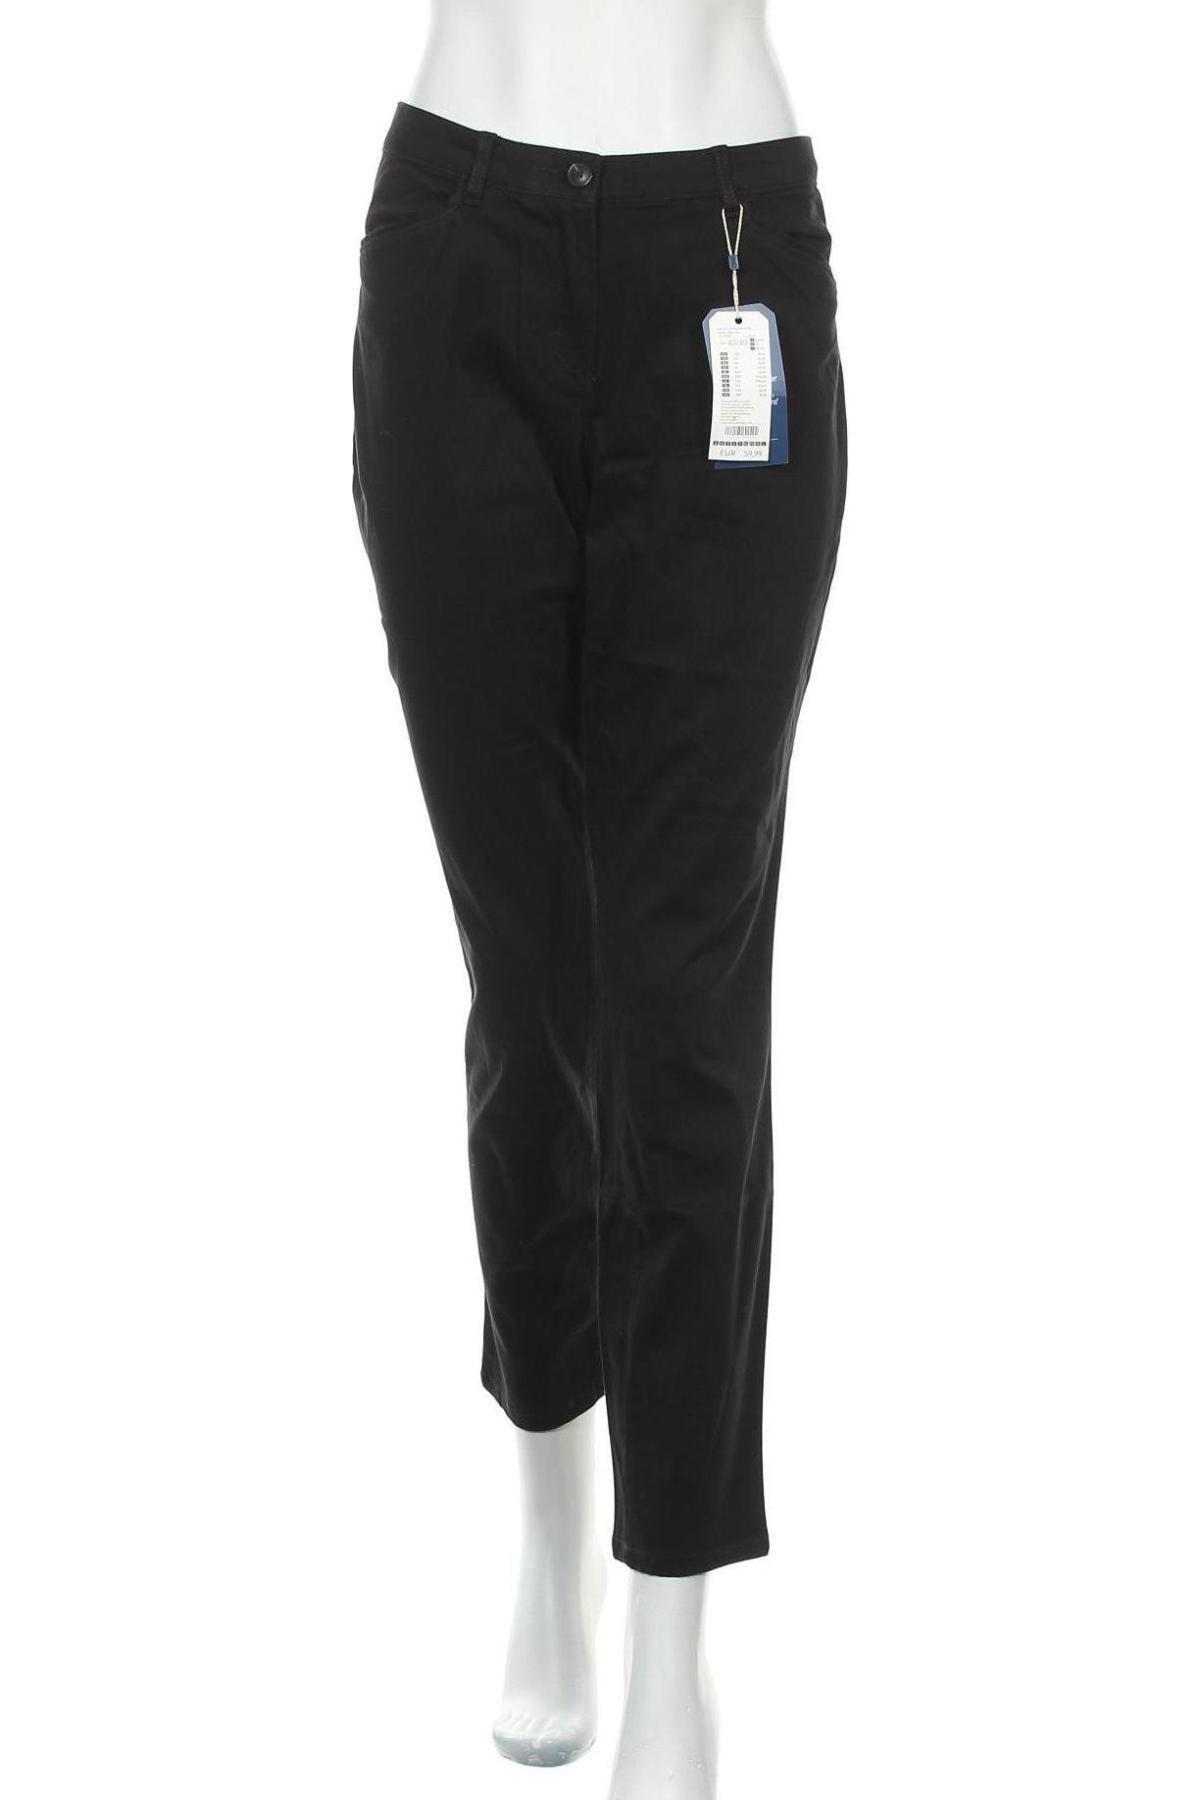 Γυναικείο παντελόνι Tom Tailor, Μέγεθος L, Χρώμα Μαύρο, 50% βαμβάκι, 47% μοντάλ, 3% ελαστάνη, Τιμή 26,68€